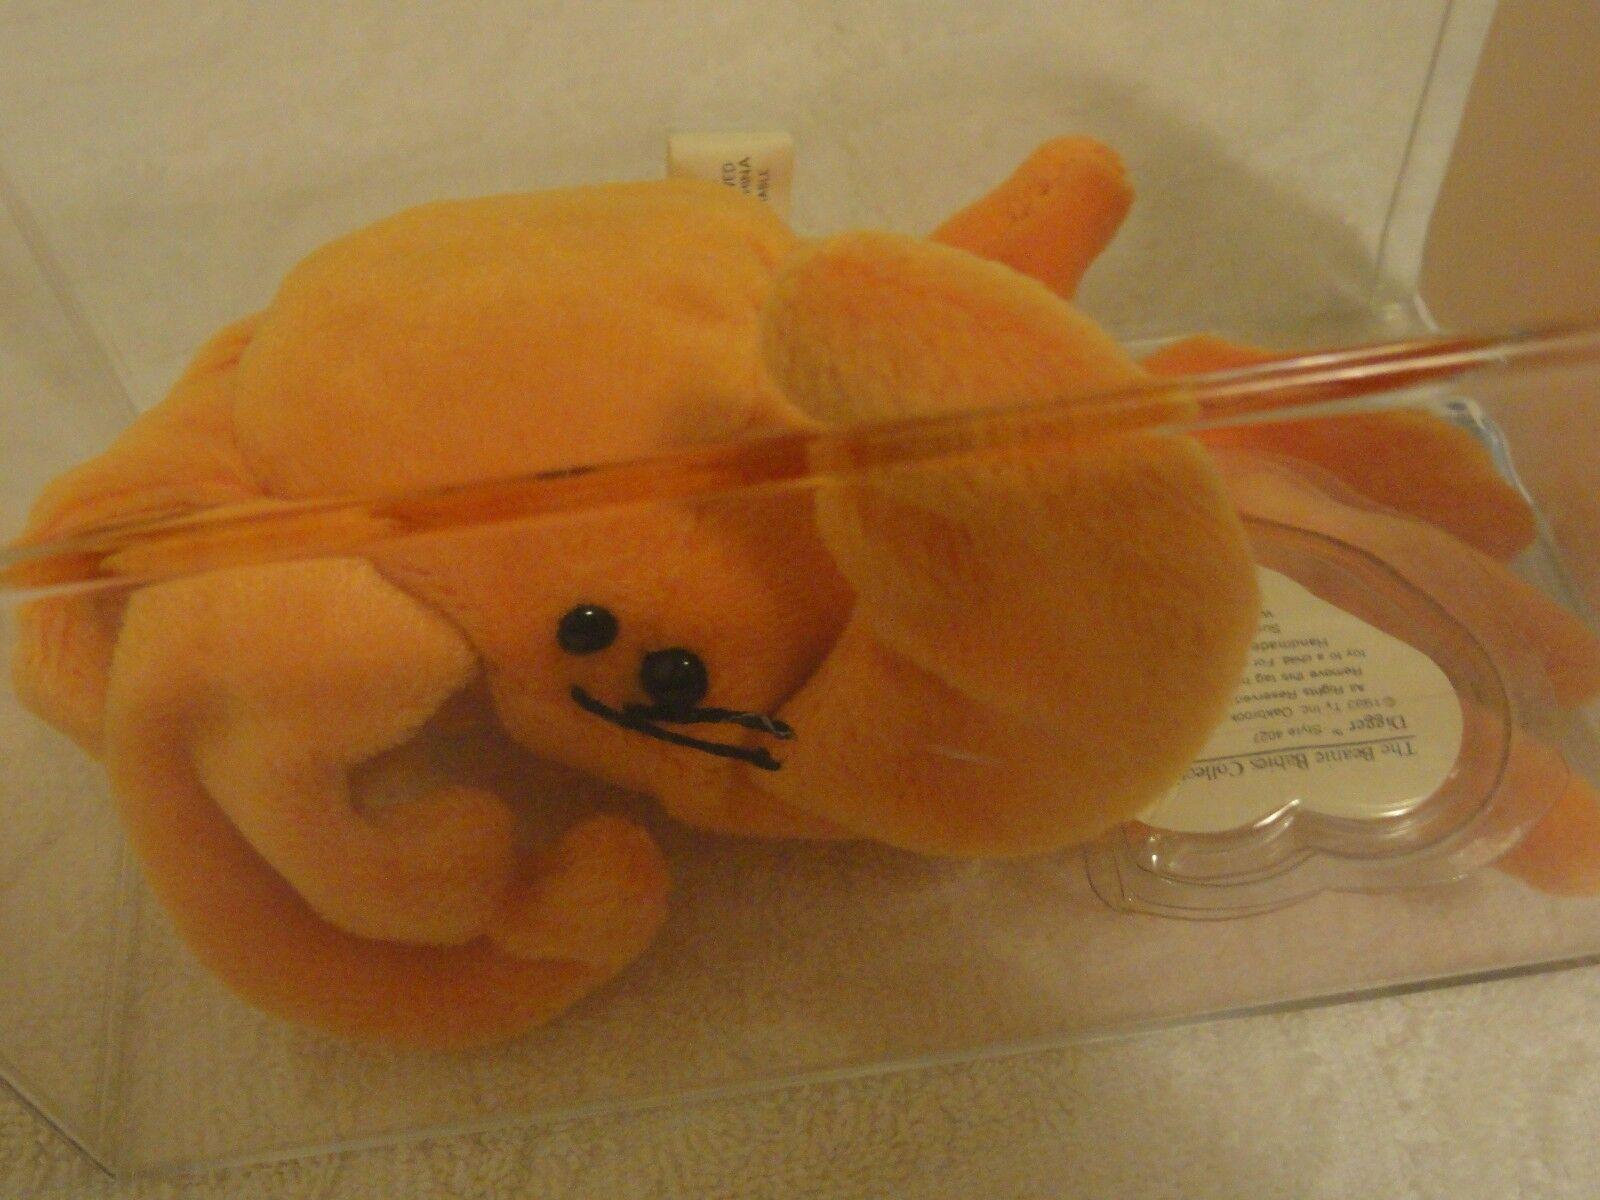 Beim ty beanie baby ist gen - Orange, digger extrem selten tags - mwct-mq